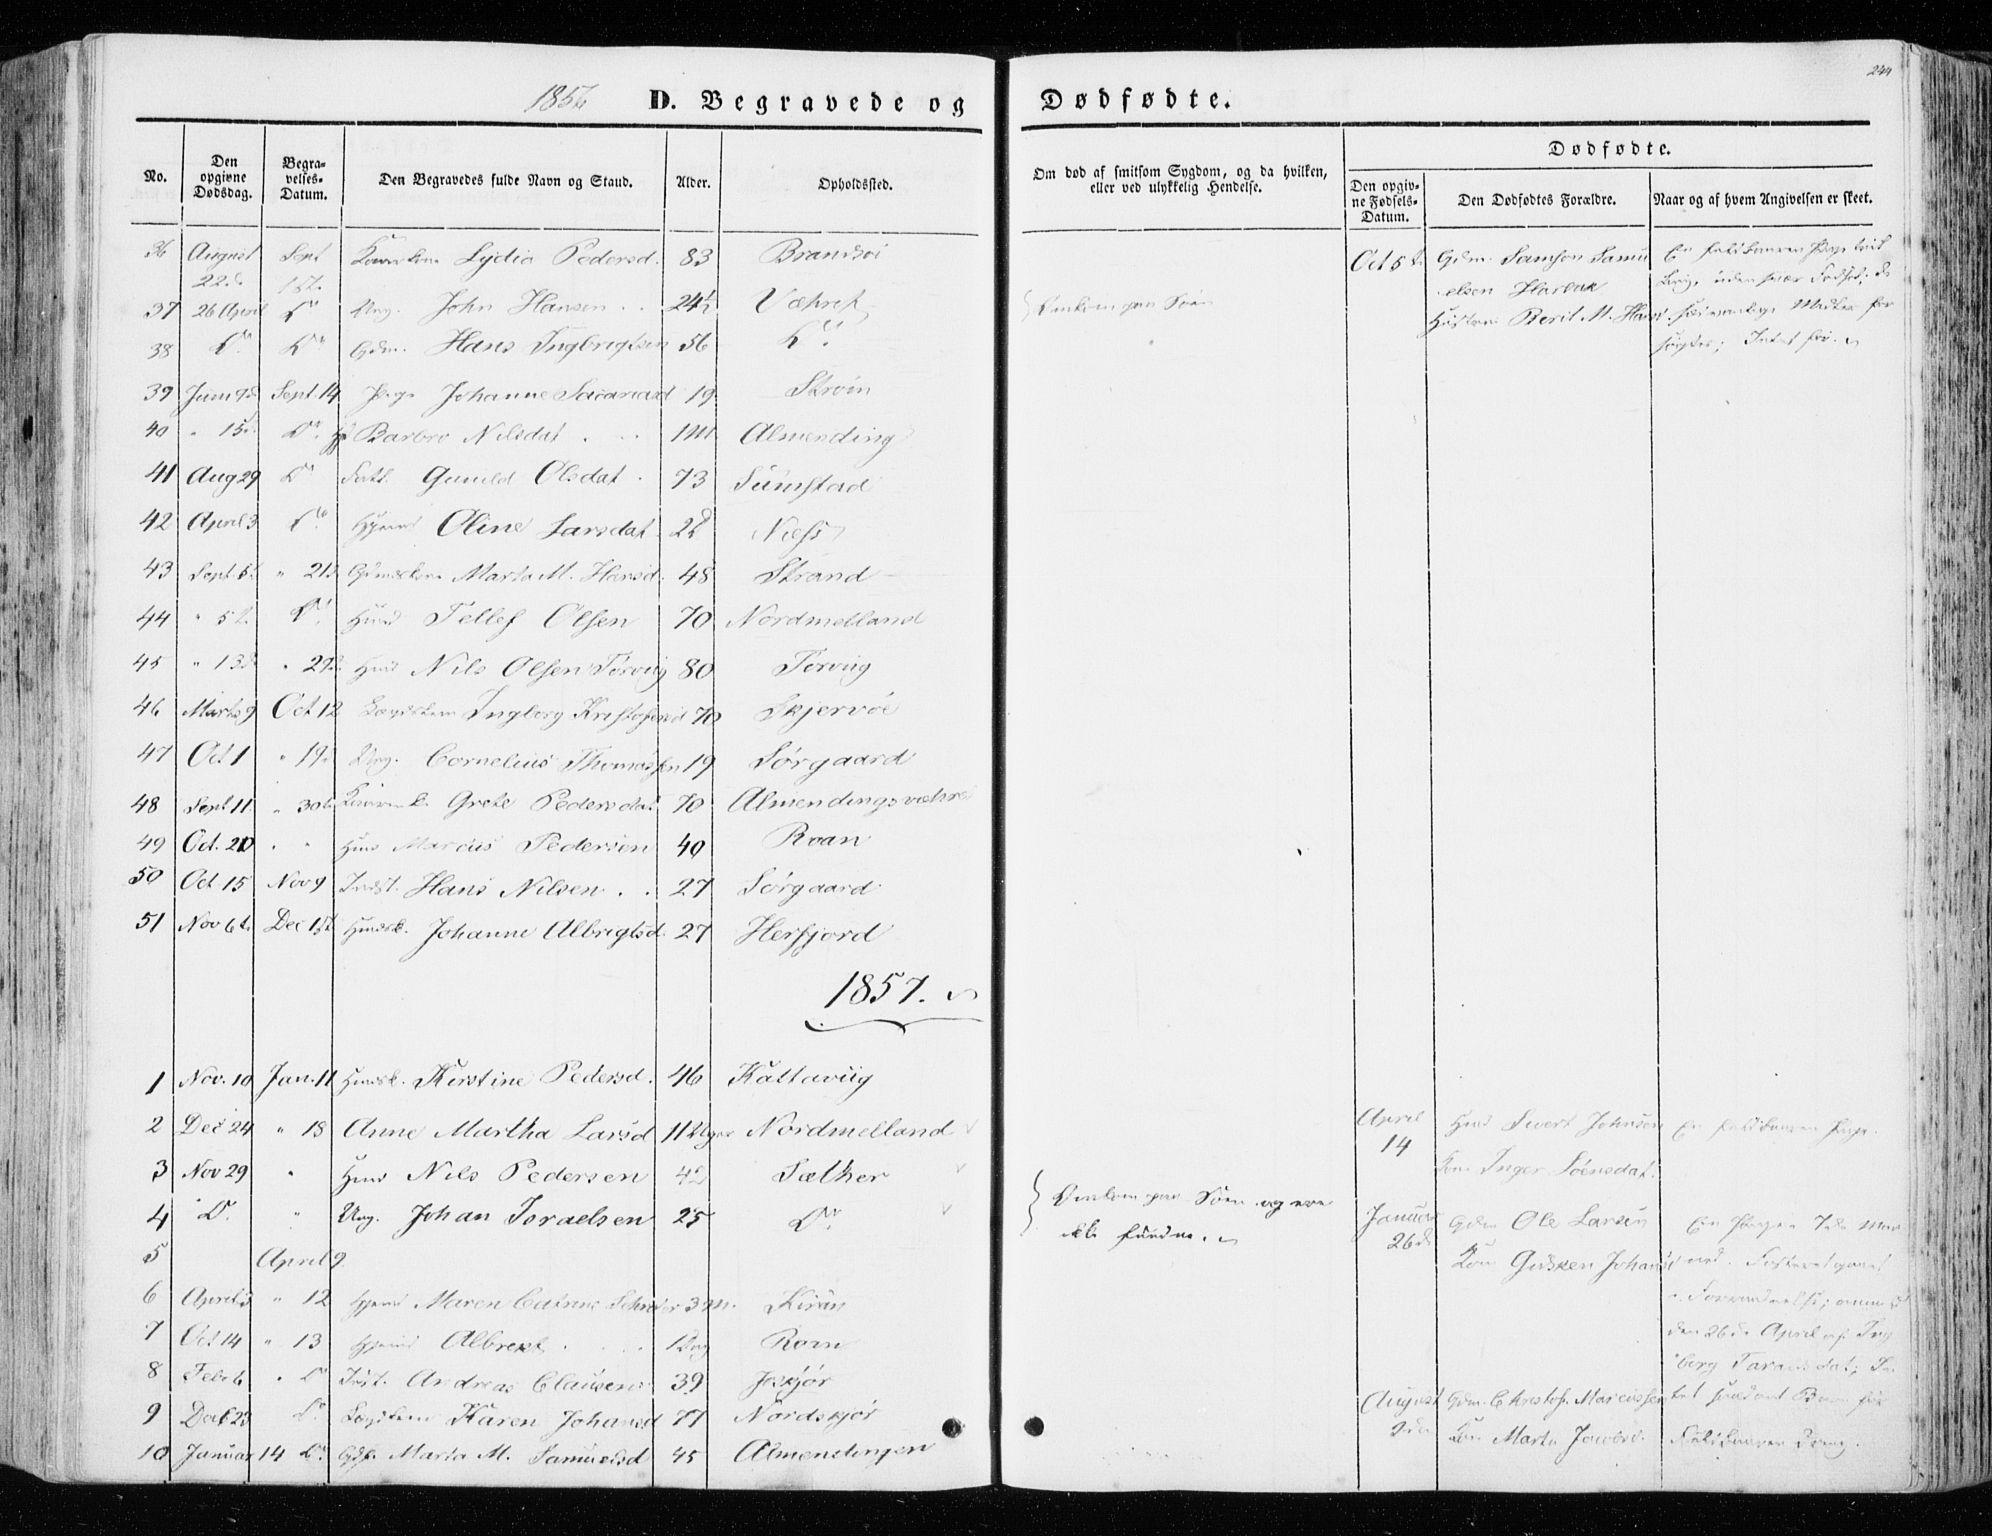 SAT, Ministerialprotokoller, klokkerbøker og fødselsregistre - Sør-Trøndelag, 657/L0704: Ministerialbok nr. 657A05, 1846-1857, s. 244